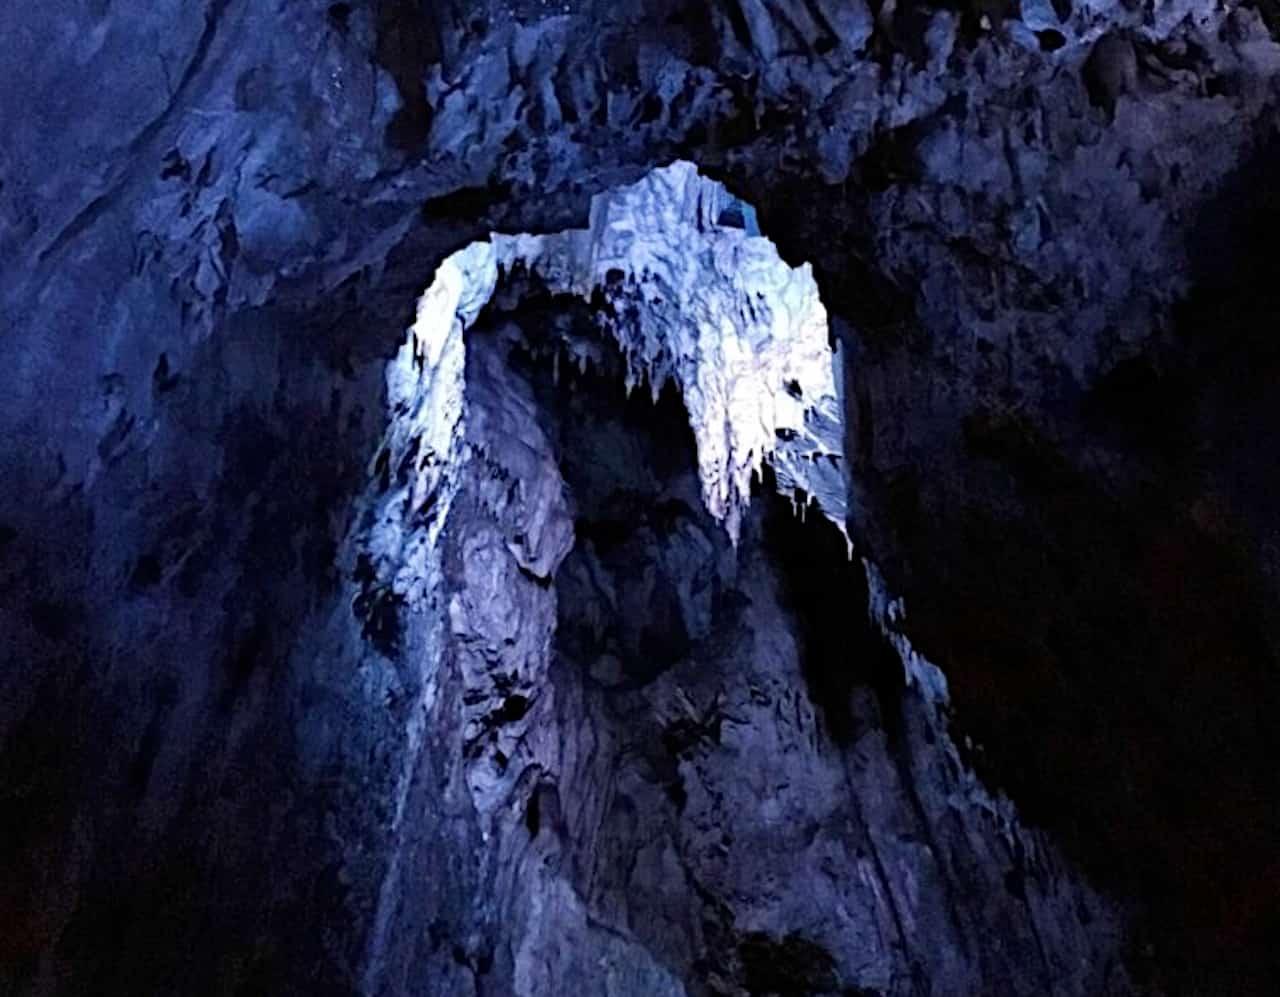 龍泉洞の洞窟の中